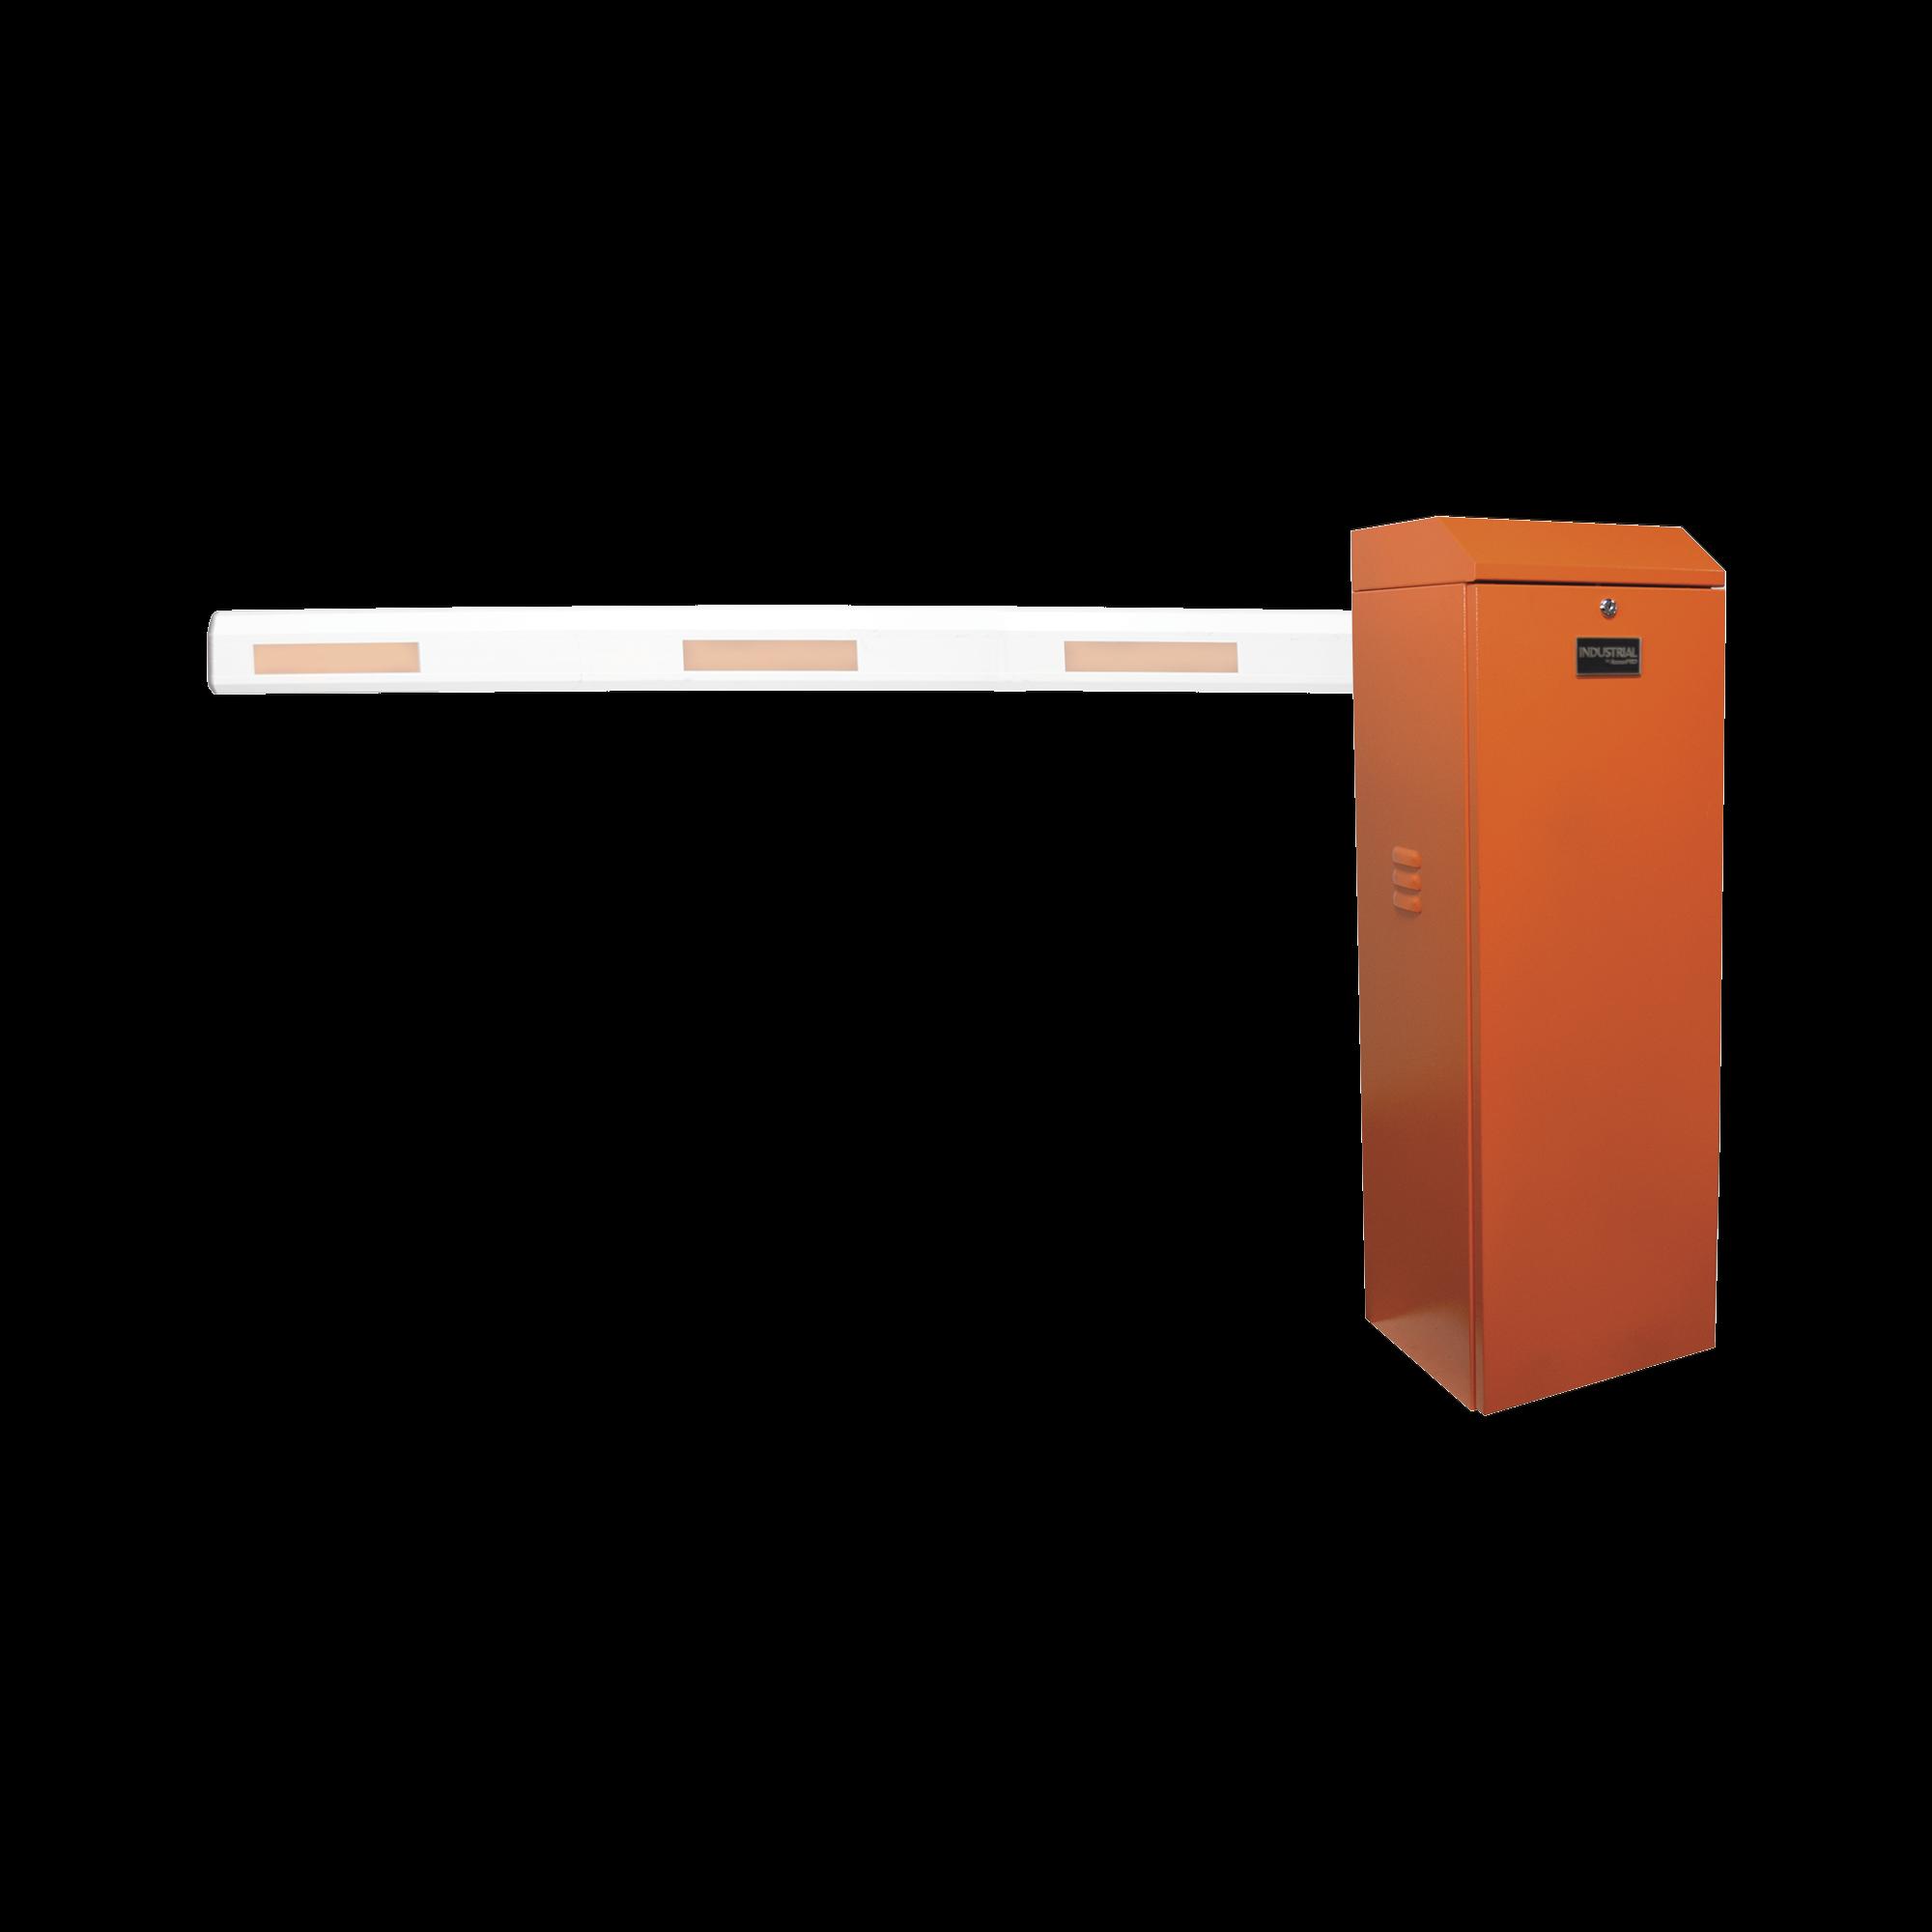 Barrera vehicular izquierda / Soporta brazo de hasta 5.5 m / Final de carrera ajustable por programación / Movimiento fluido / Diseño elegante color naranja